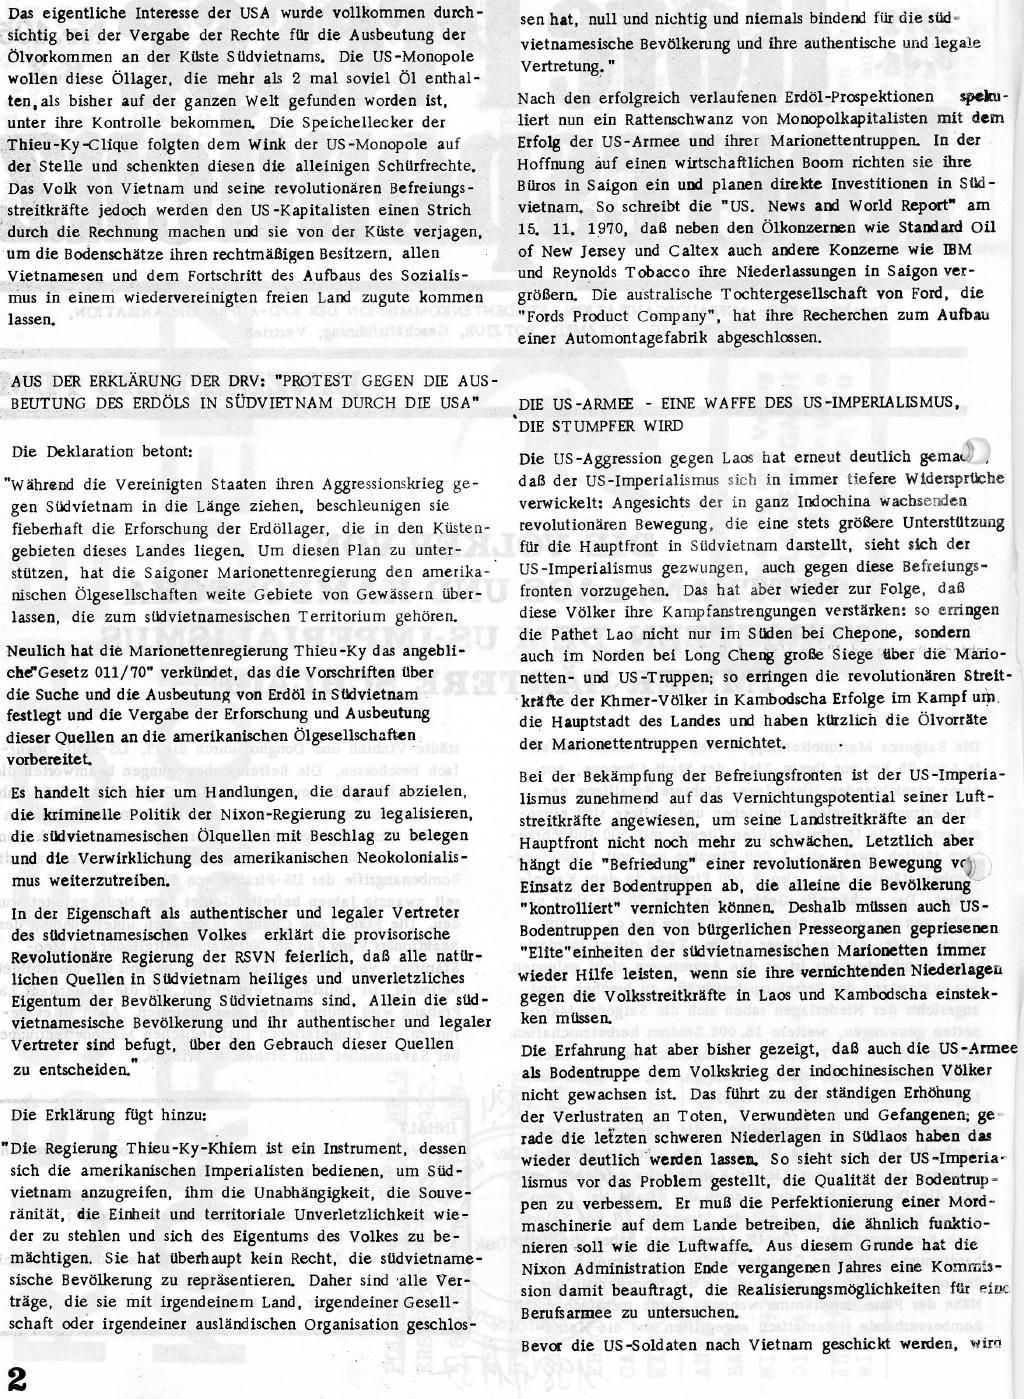 RPK_1971_105_02